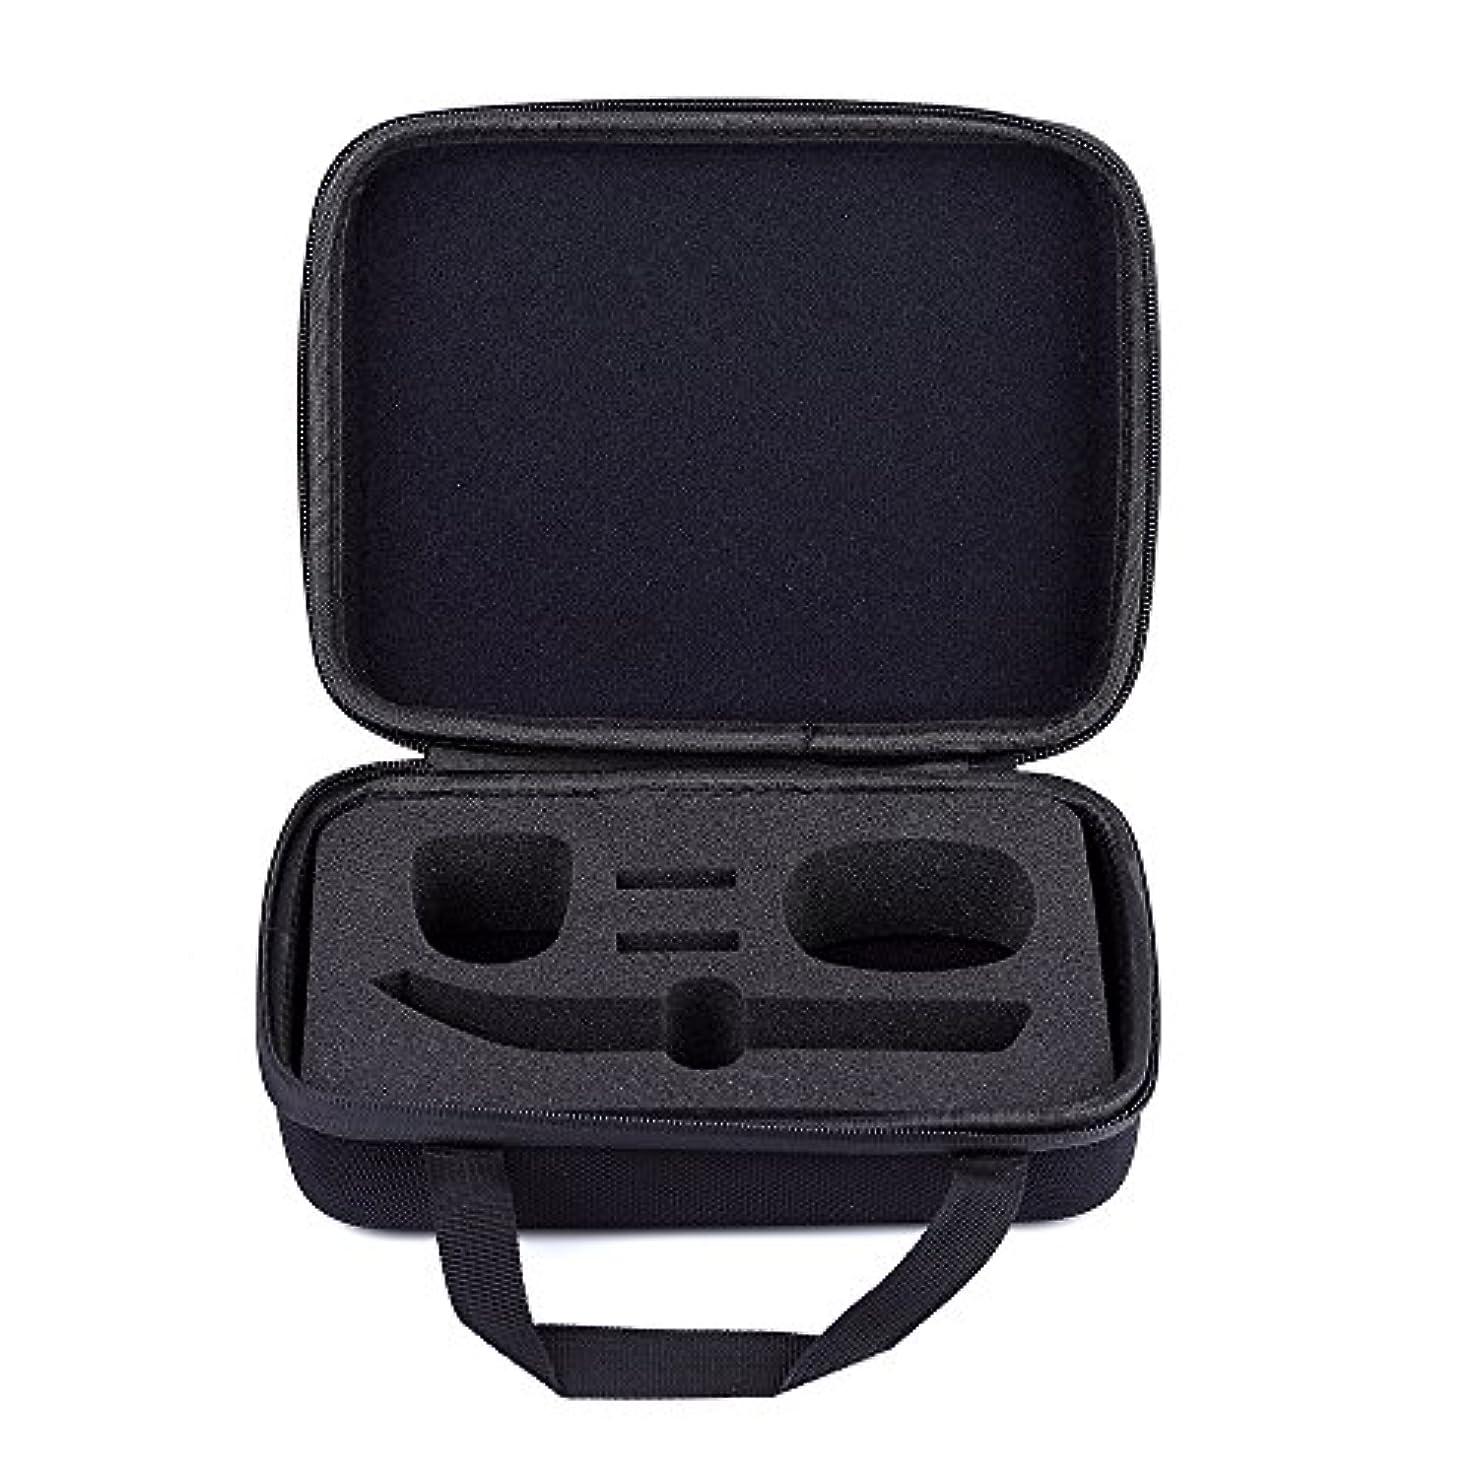 ピル日光感謝祭Moligh doll トラベルのハードバッグ、携帯用ケース、Norelco Oneblade Pro用、転倒防止、防水、実用的なPhilipsシェーバー用の収納ボックス